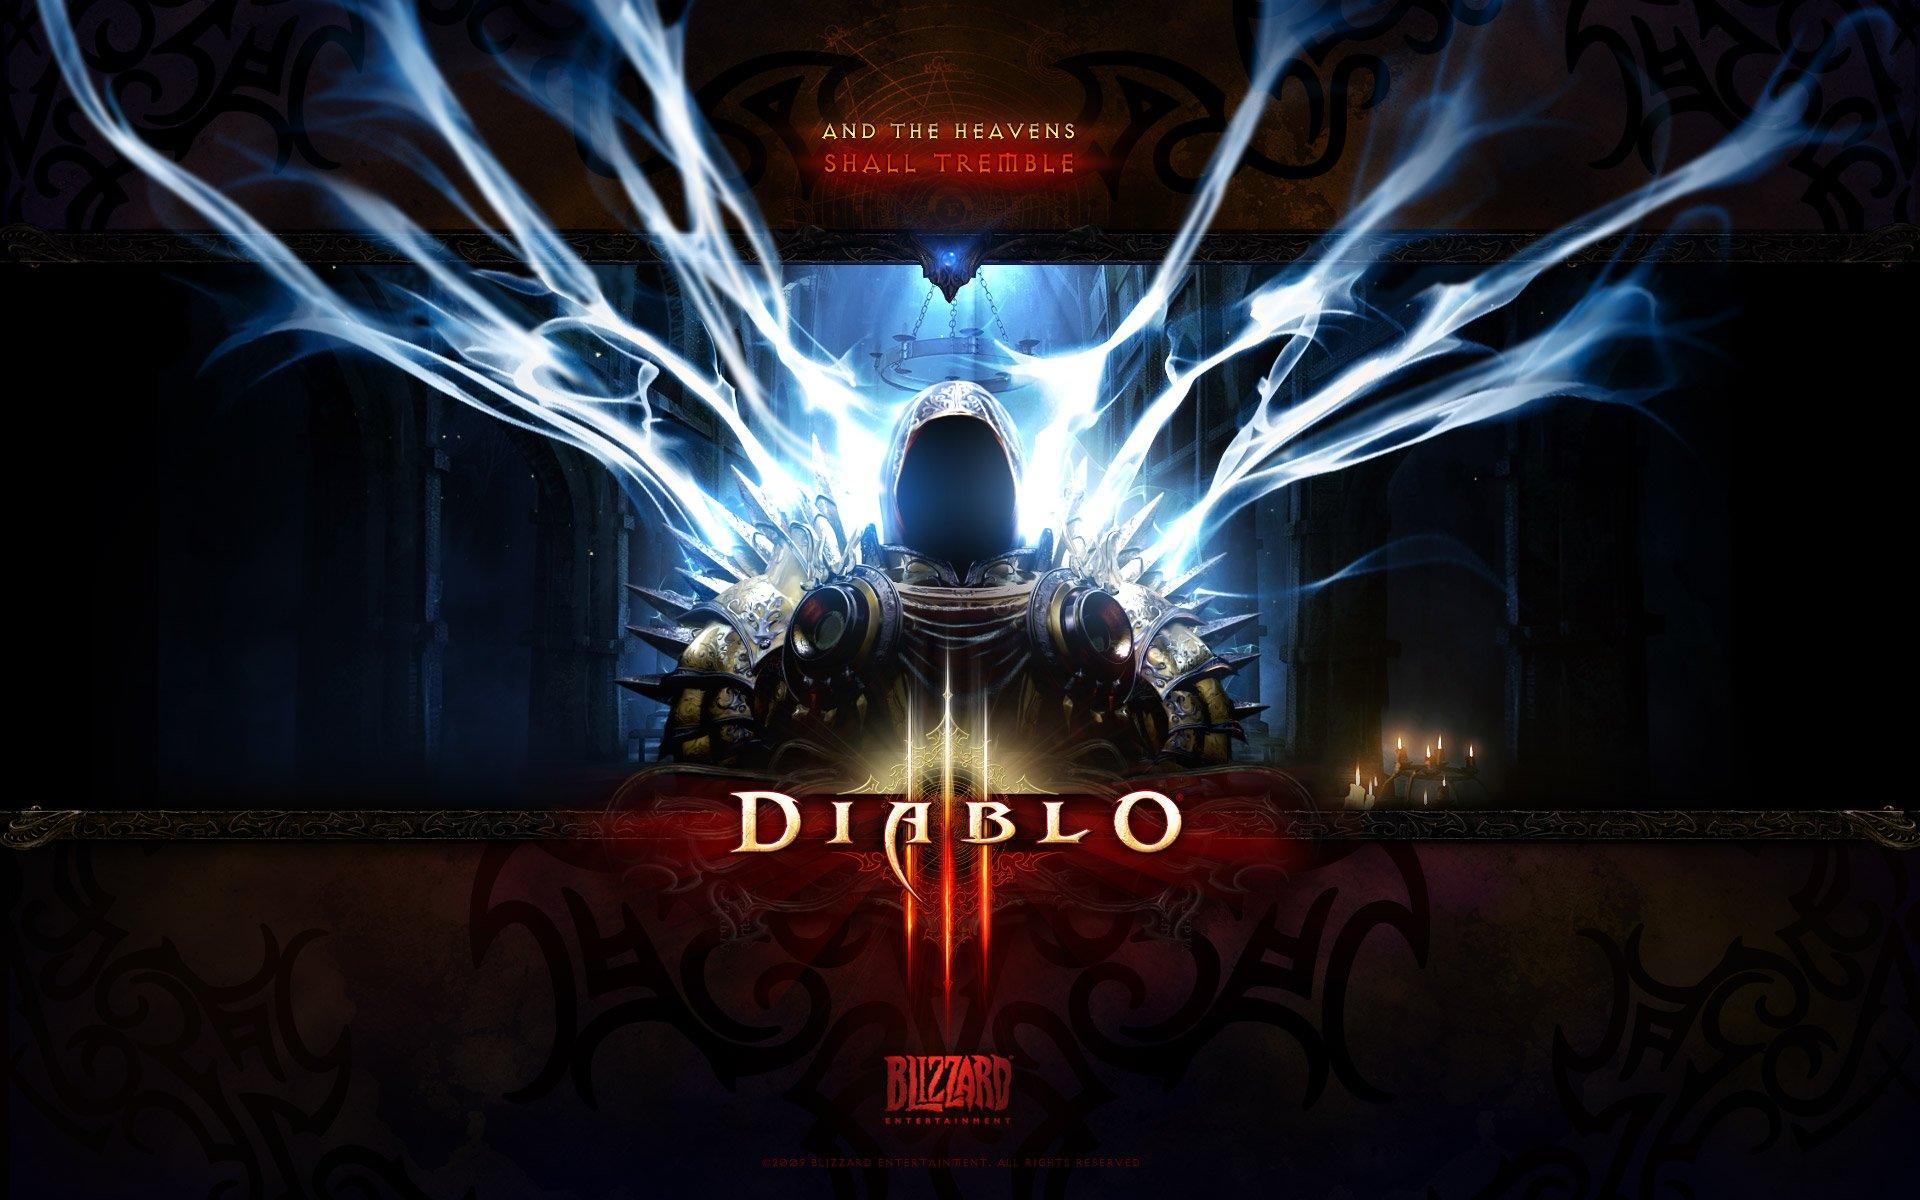 Diablo-3-Wallpaper-HD.jpg